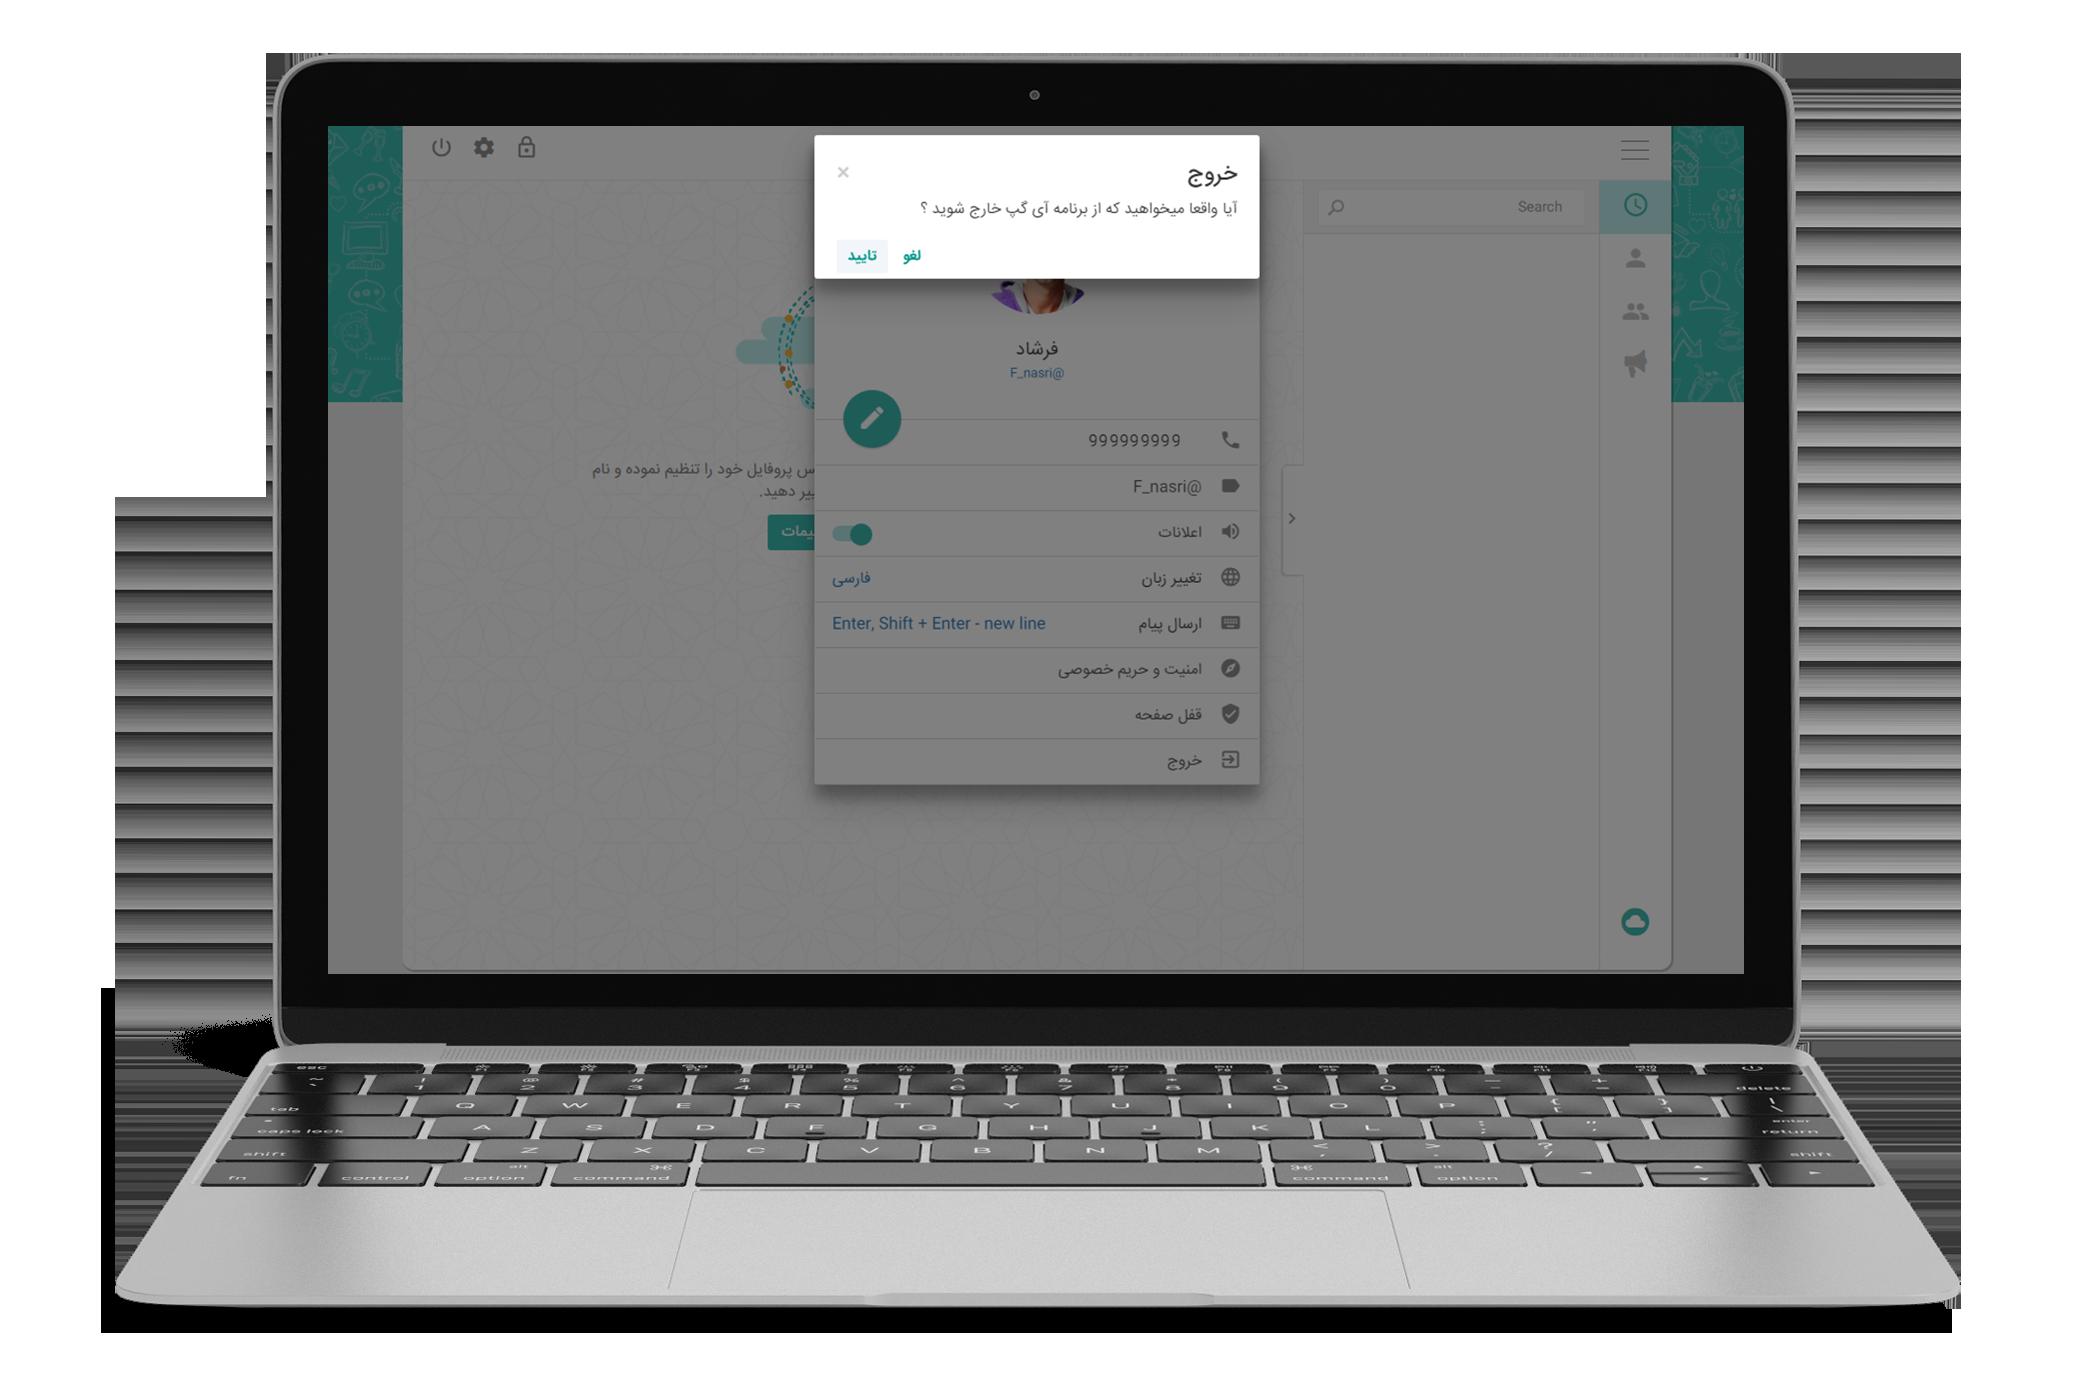 تنظیمات حساب کاربری در نسخه وب آیگپ